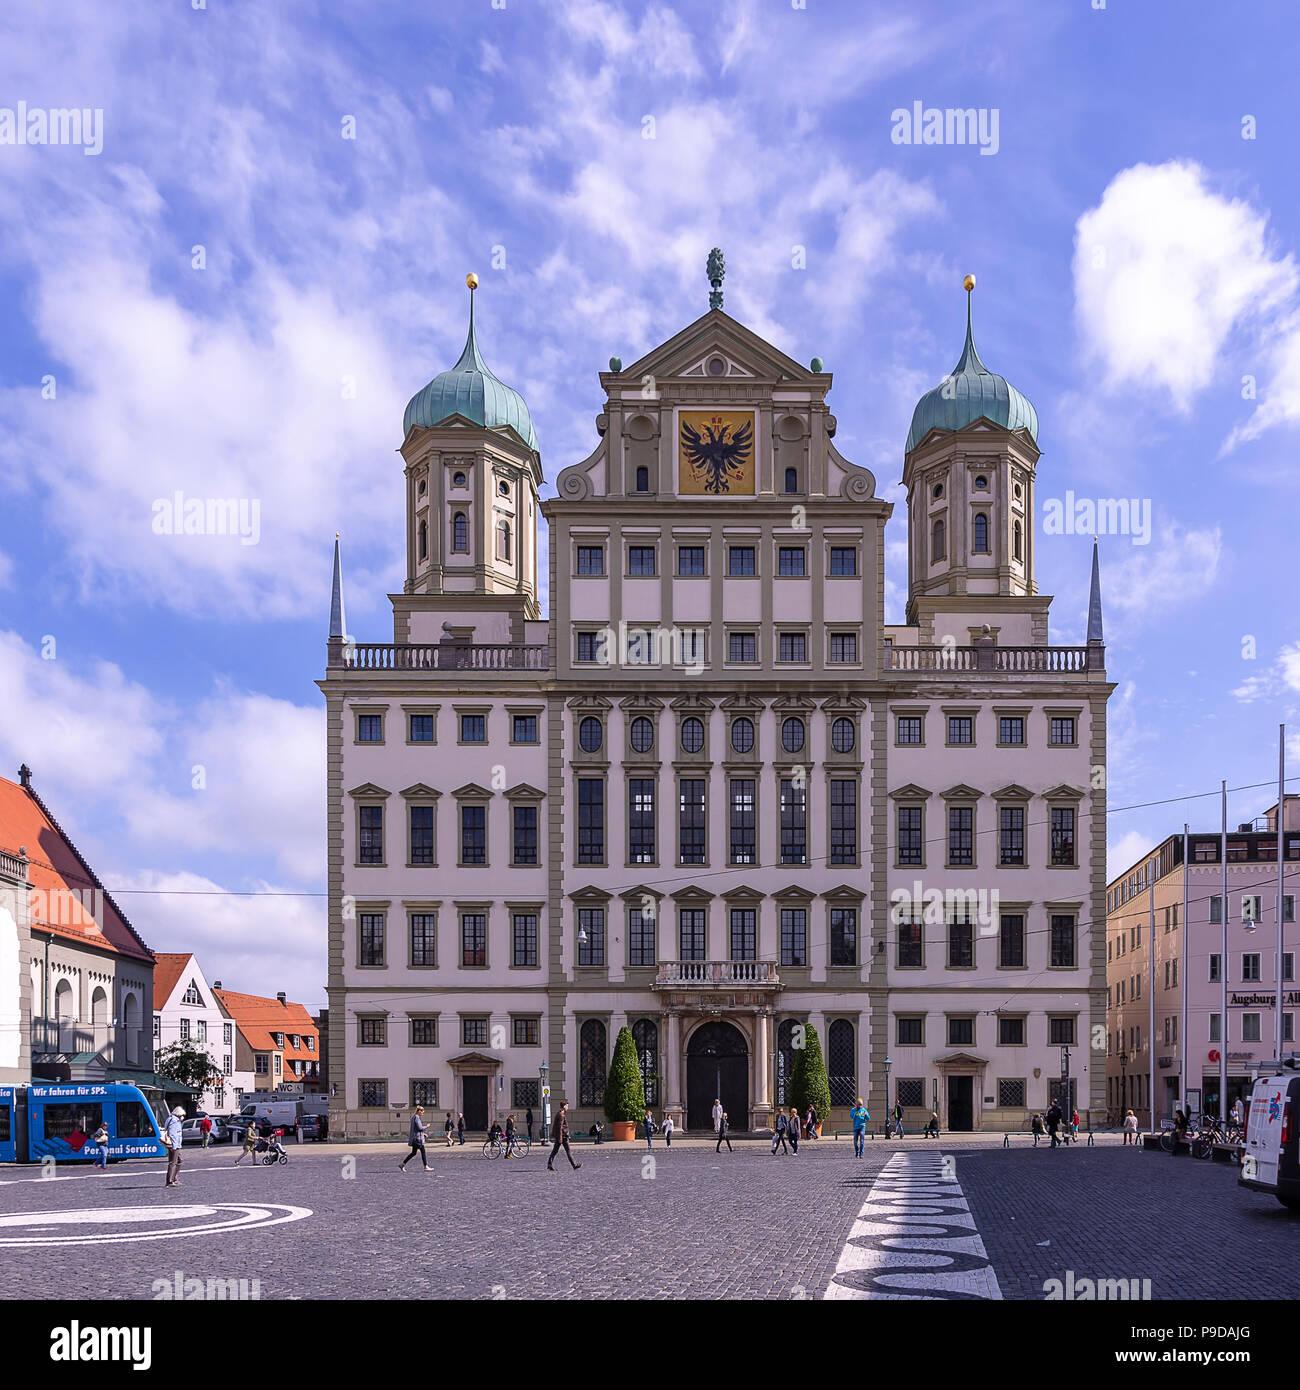 Augsburg, Bayern, Deutschland - Das historische Rathaus auf dem Marktplatz. Stockfoto